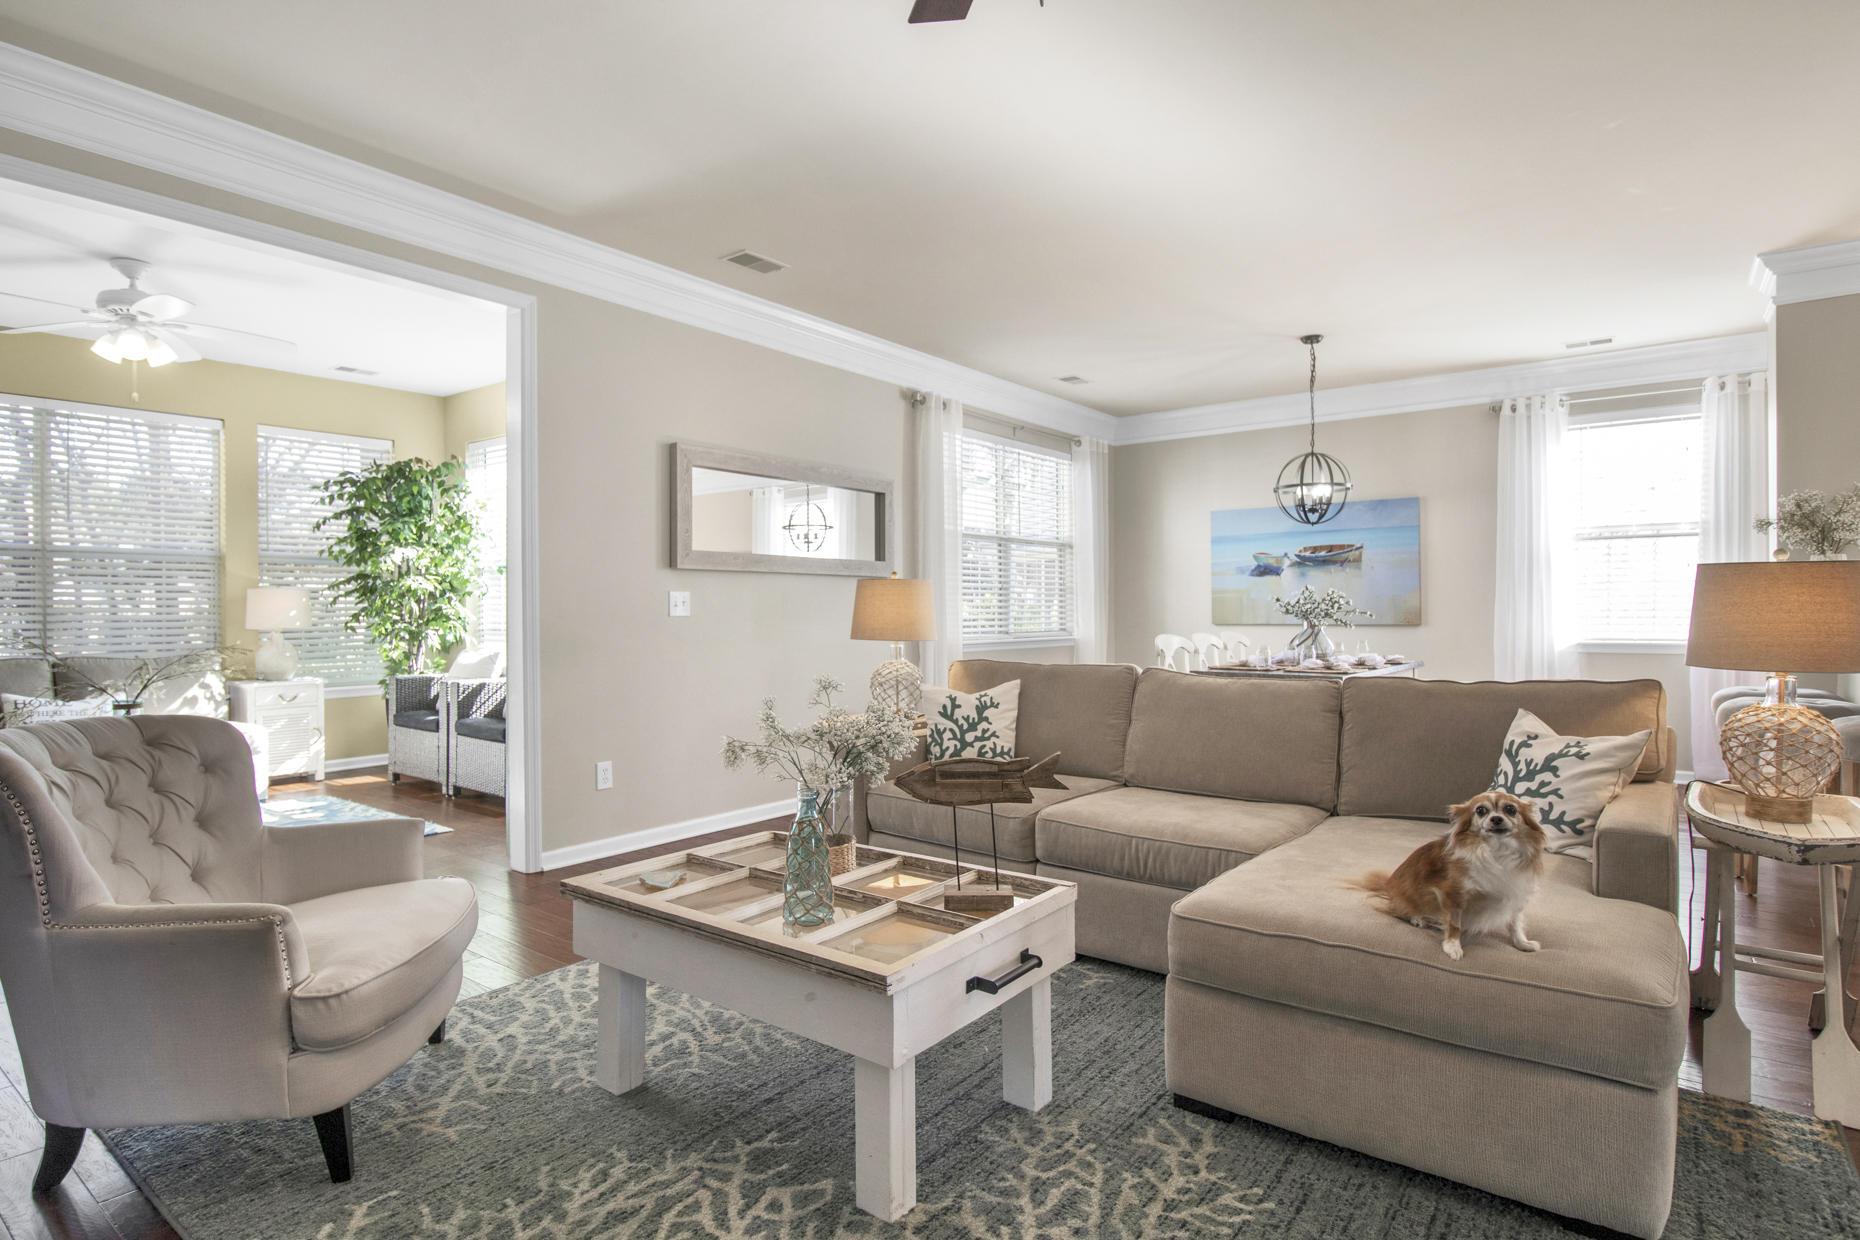 Park West Homes For Sale - 1497 Endicot, Mount Pleasant, SC - 37